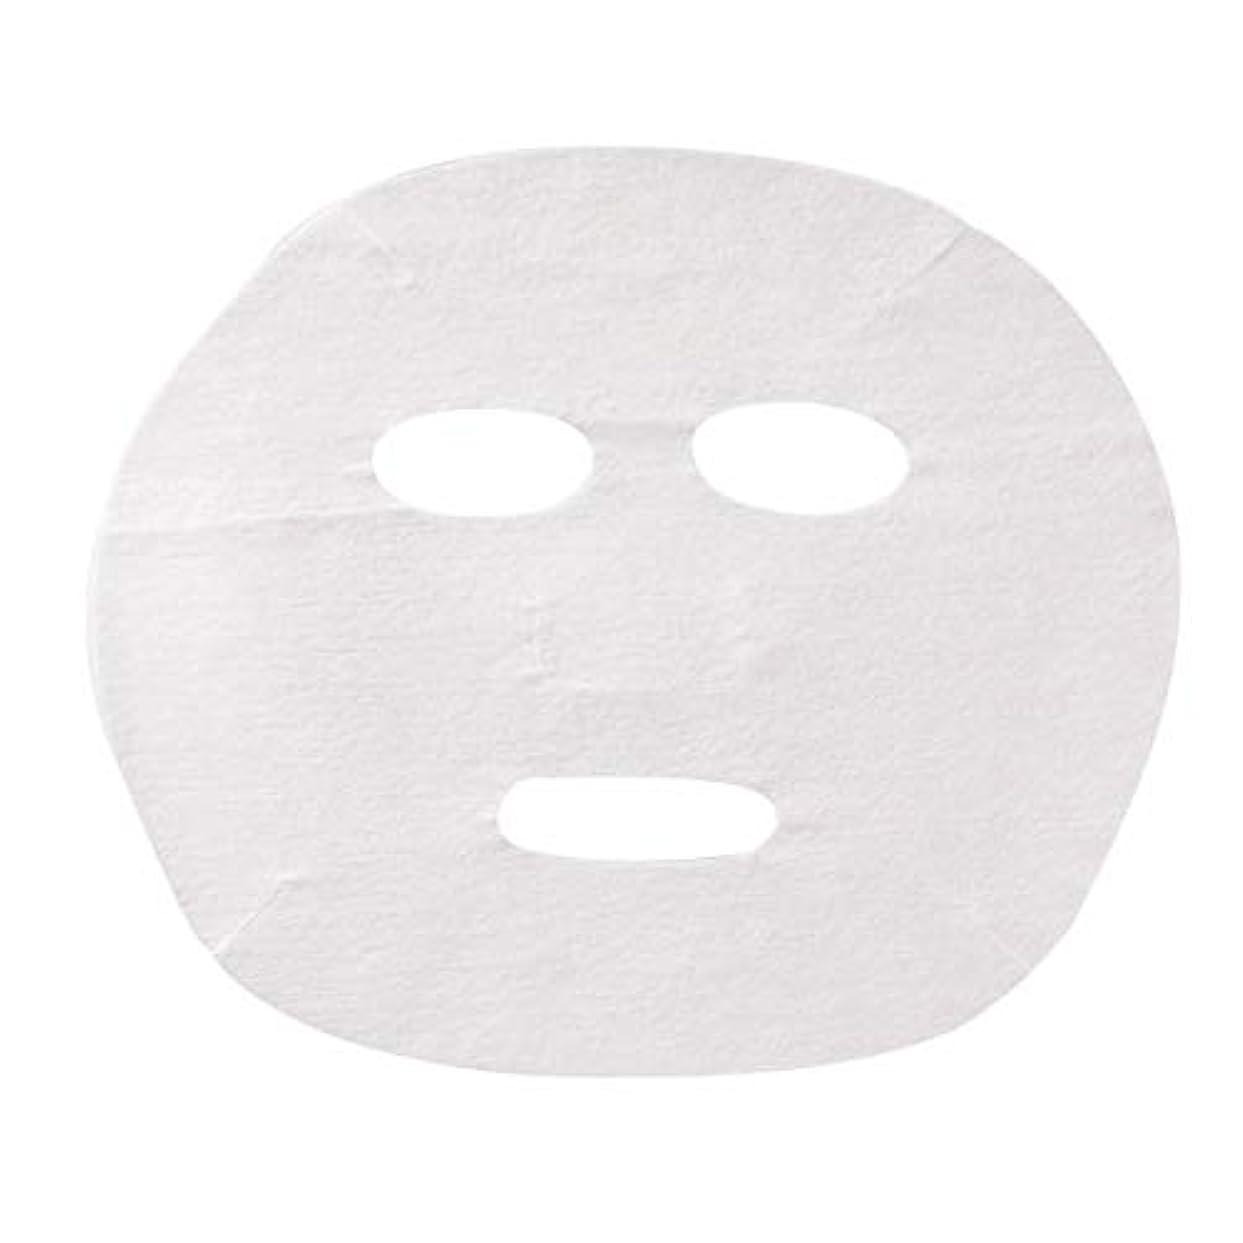 デッド責める説得フェイシャルシート (薄手タイプ) 70枚入 22.5×18.5cm [ フェイスマスク フェイスシート フェイスパック フェイシャルマスク フェイシャルパック ローションマスク ローションパック フェイス パック マスク ]